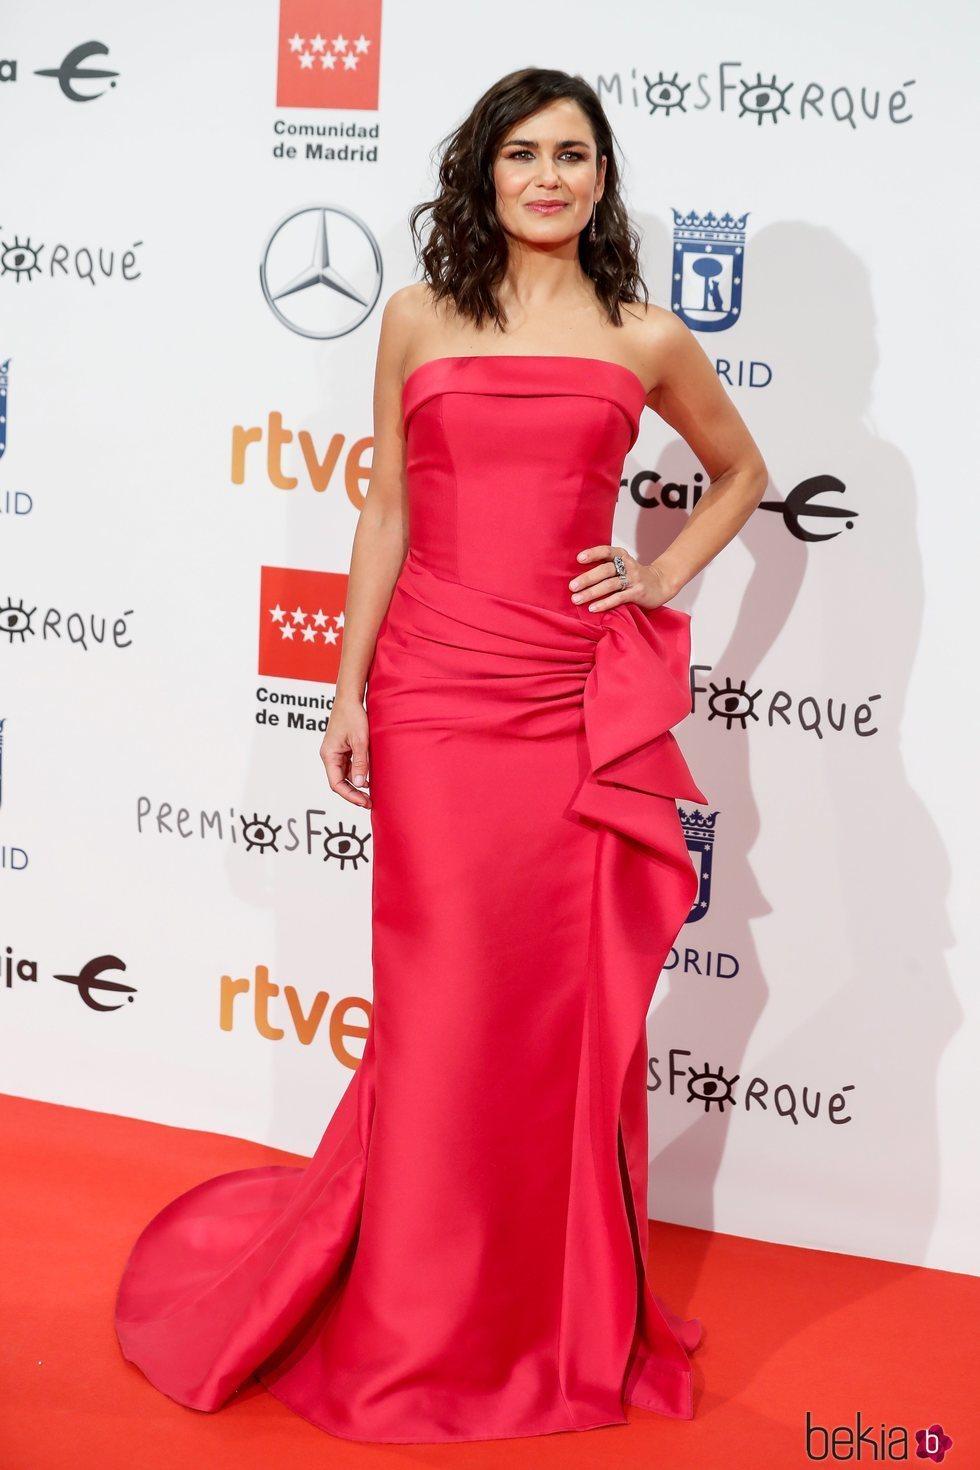 Elena Sánchez en la alfombra roja de los Premios Forqué 2020